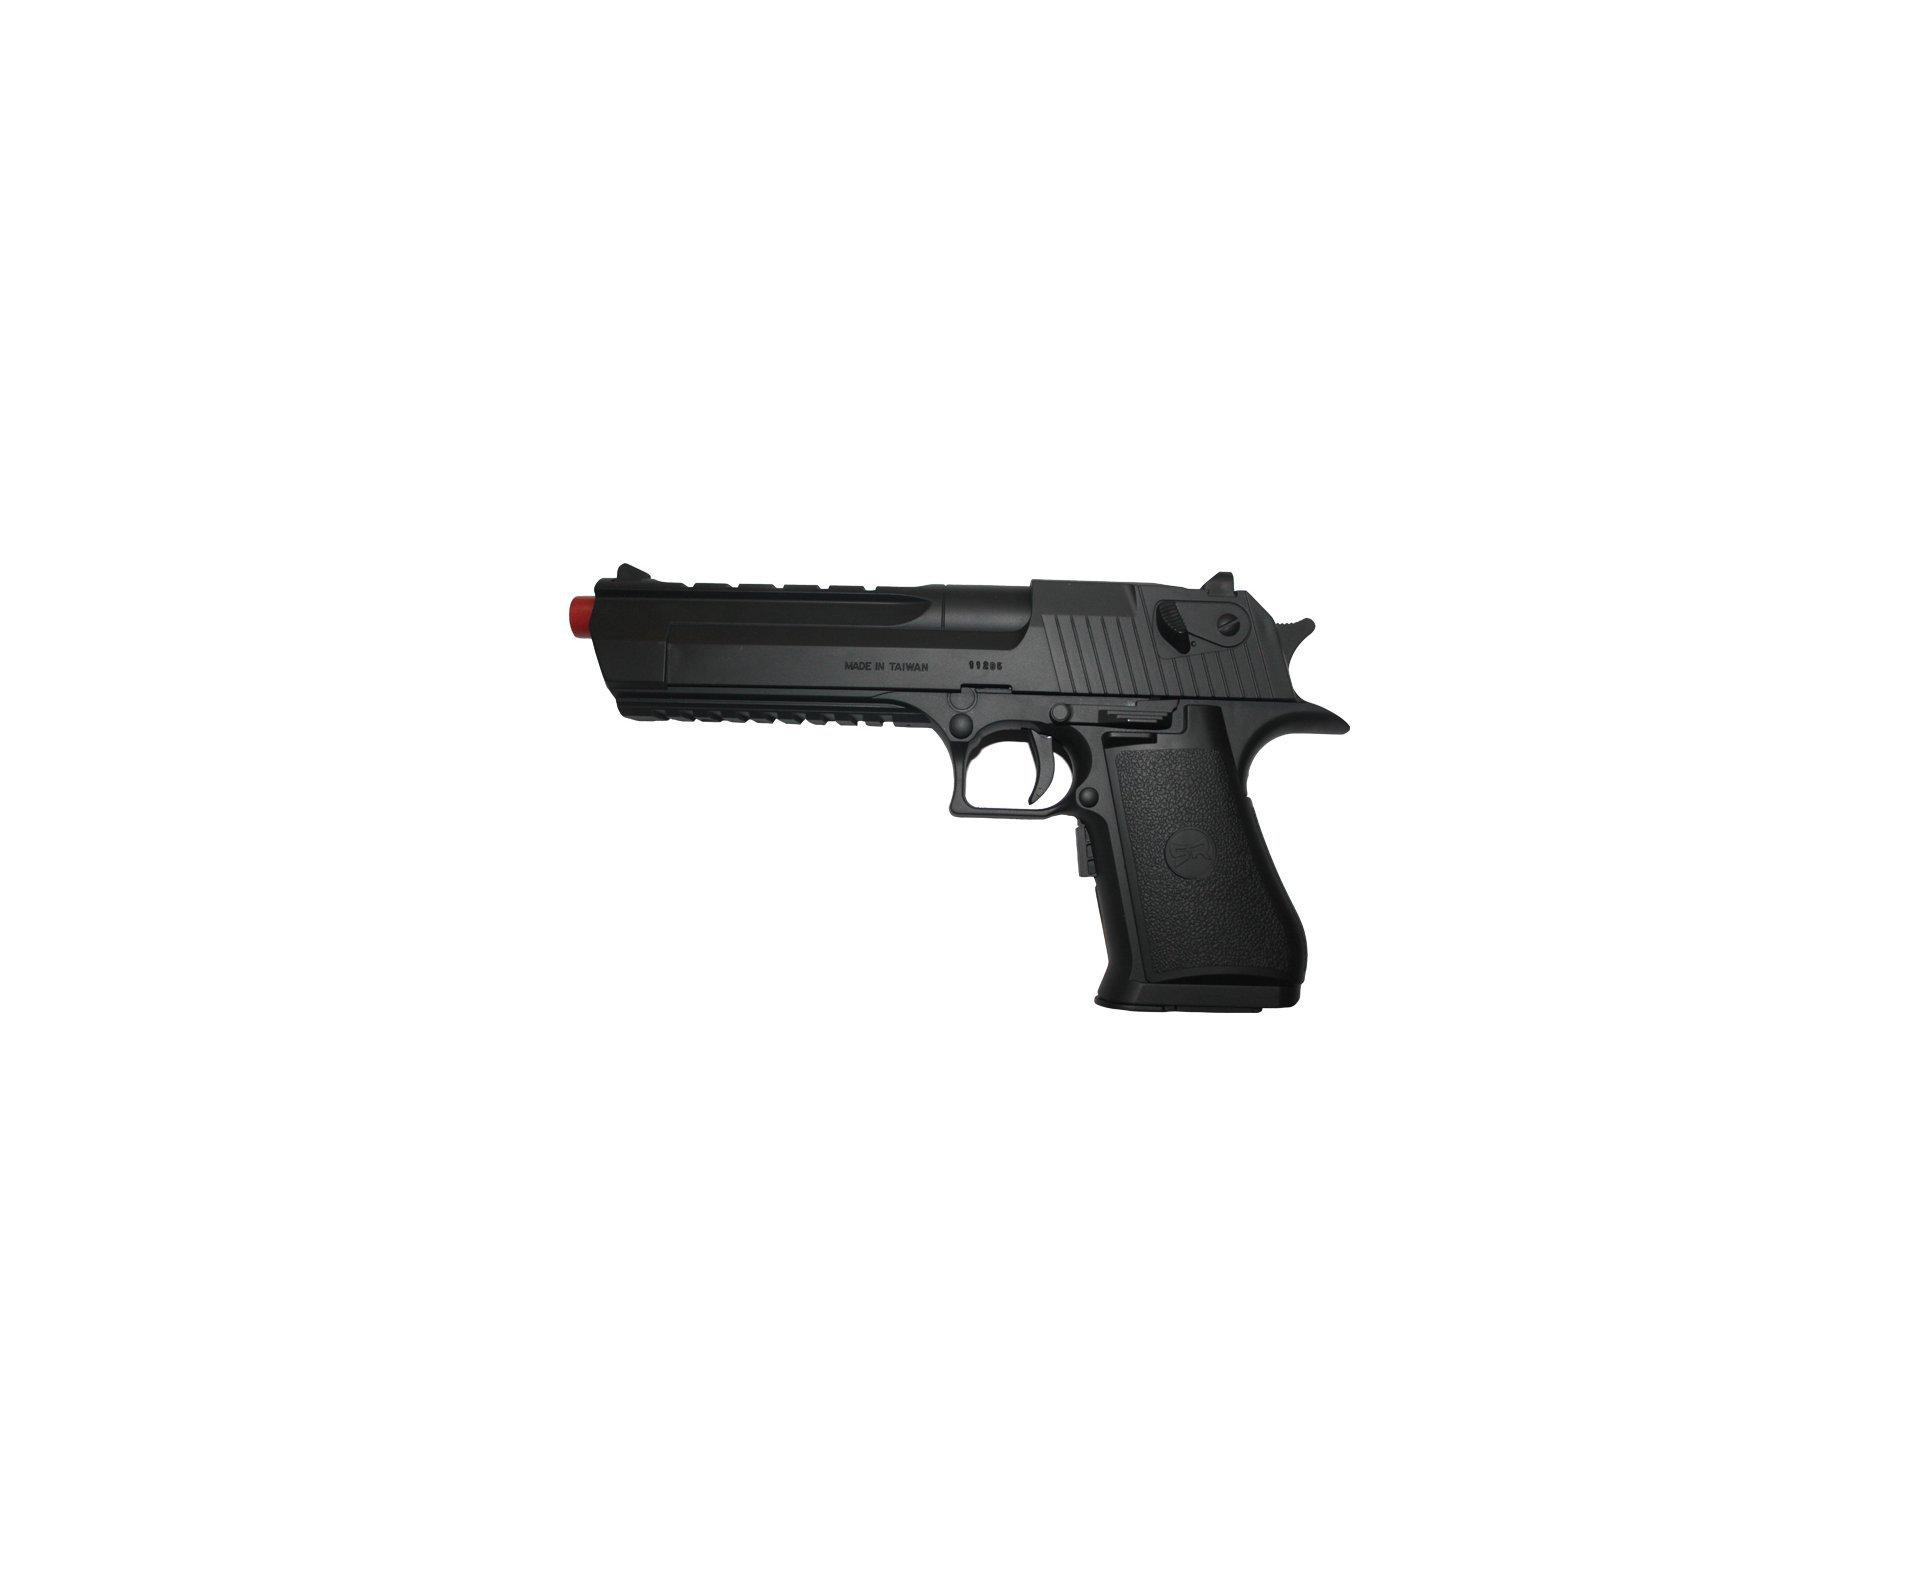 Pistola De Airsoft Desert Eagle Blow Back - Calibre 6,0 Mm - Src Ge-0402